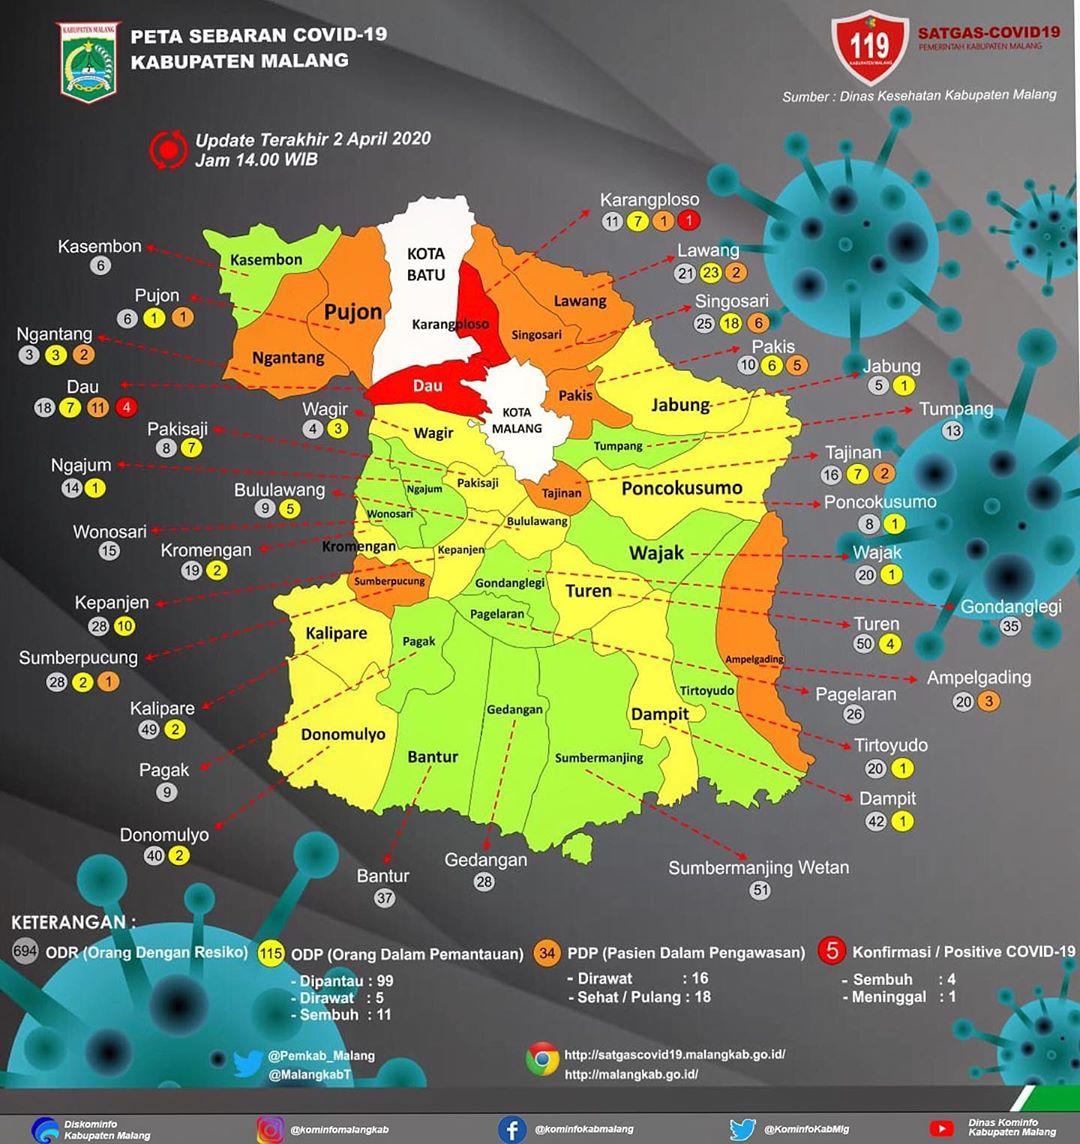 Berikut Peta Sebaran Covid-19 di Kab. Malang, yang dikutip dari Posko Satgas Covid-19 Kab. Malang per-2 April 2020.